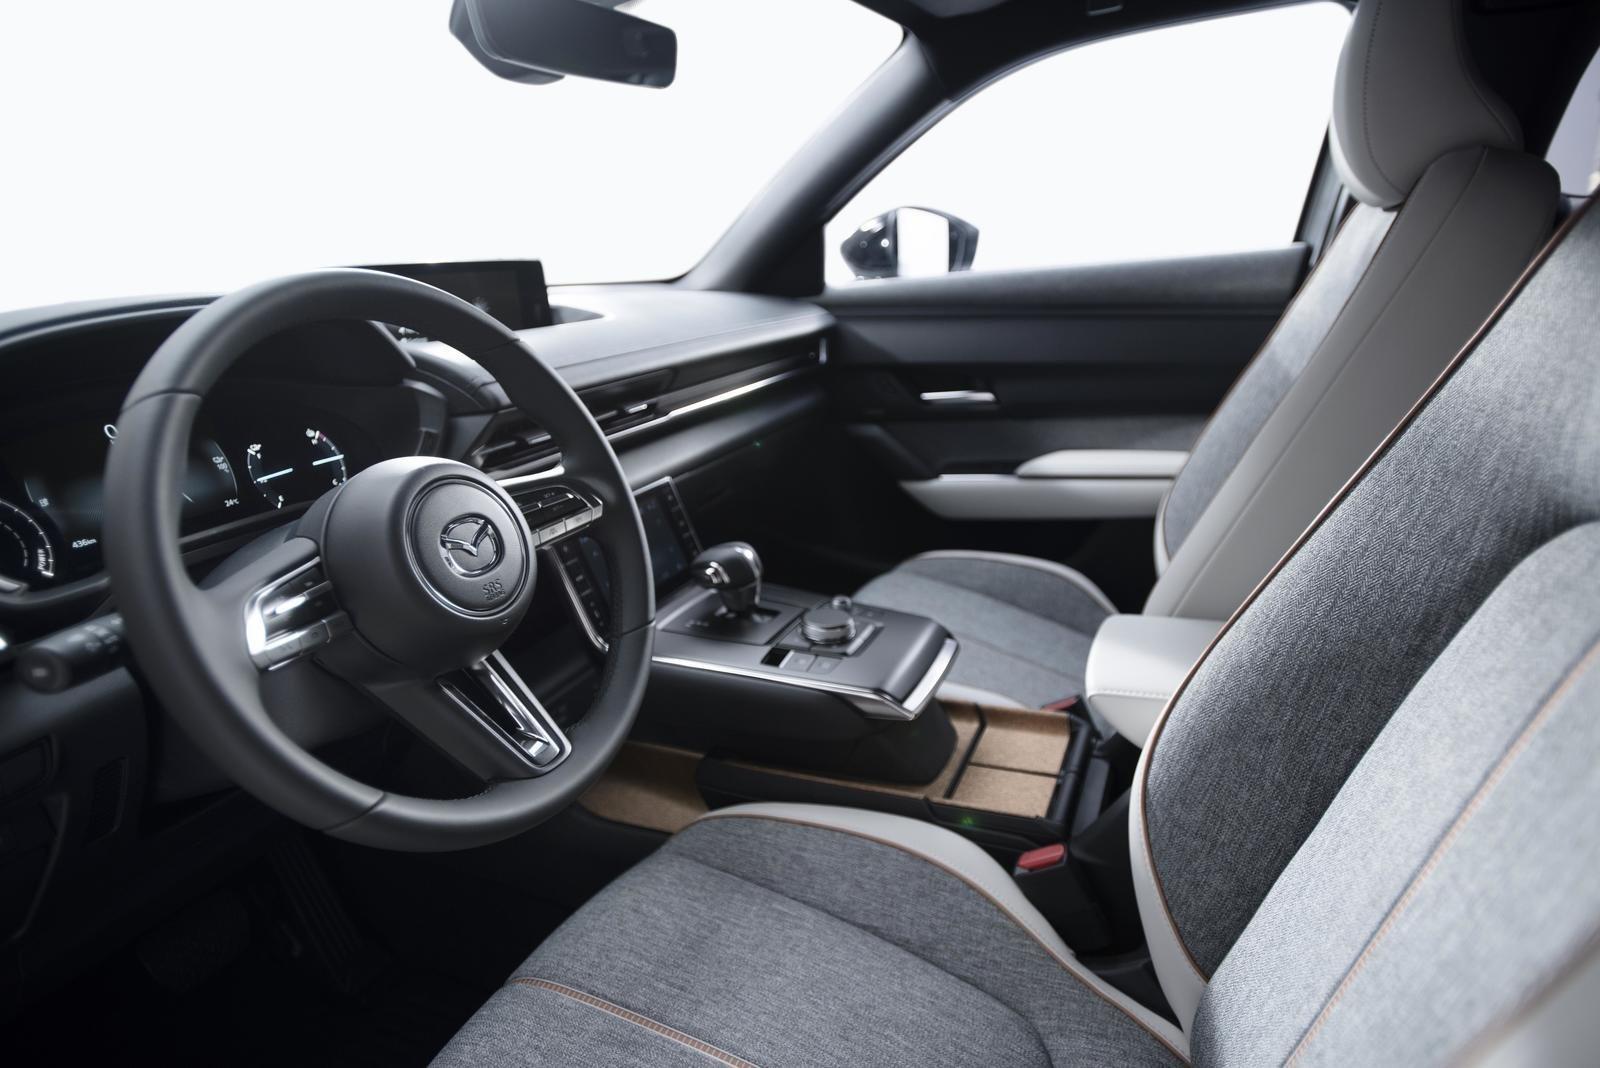 Đánh giá xe Mazda MX-30 2021 về bảng táp-lô.